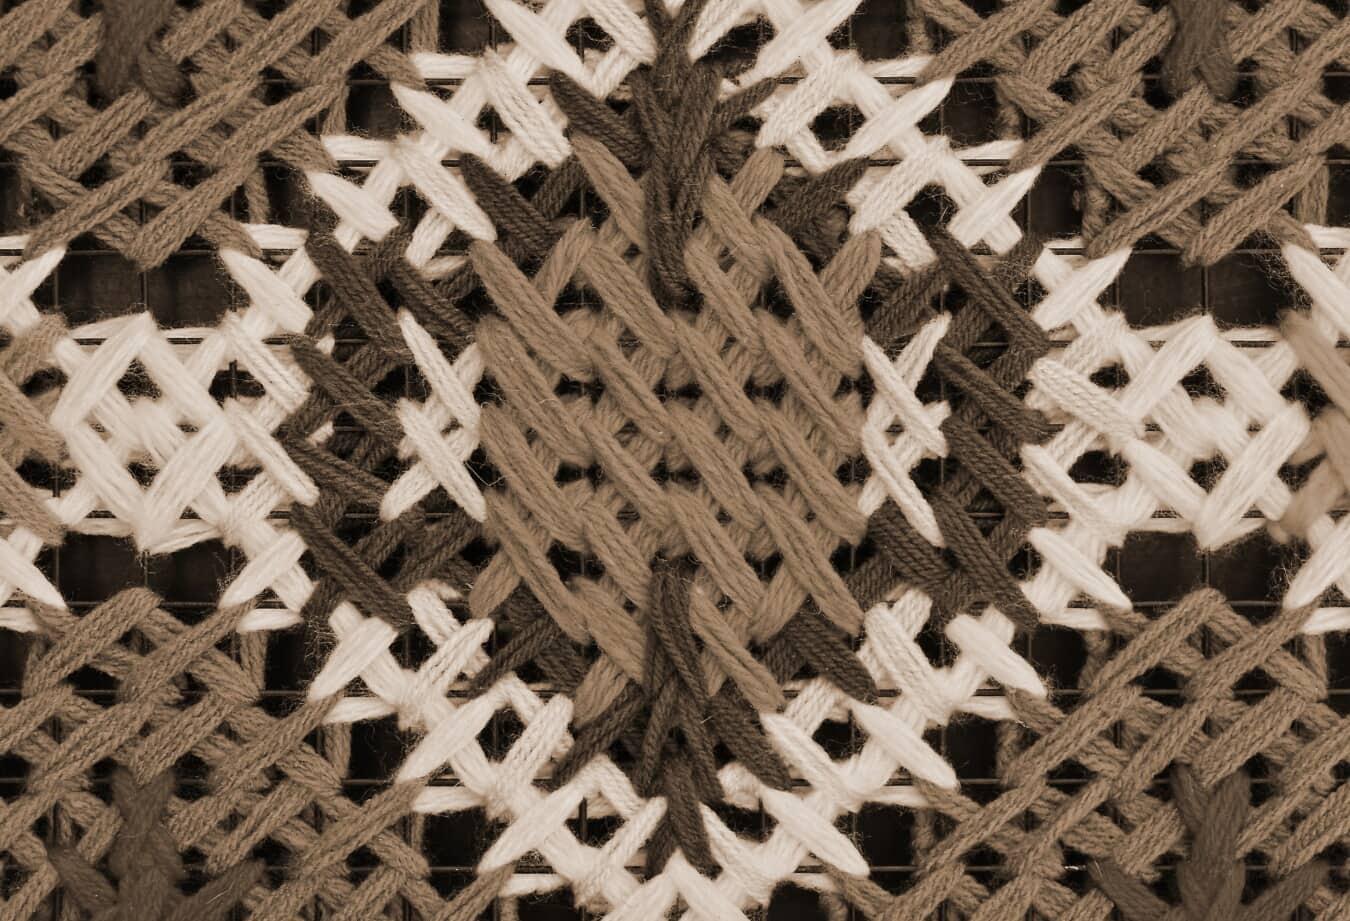 Sepia, Thread, handgefertigte, traditionelle, Wolle, Handwerk, abstrakt, Design, Muster, Textur